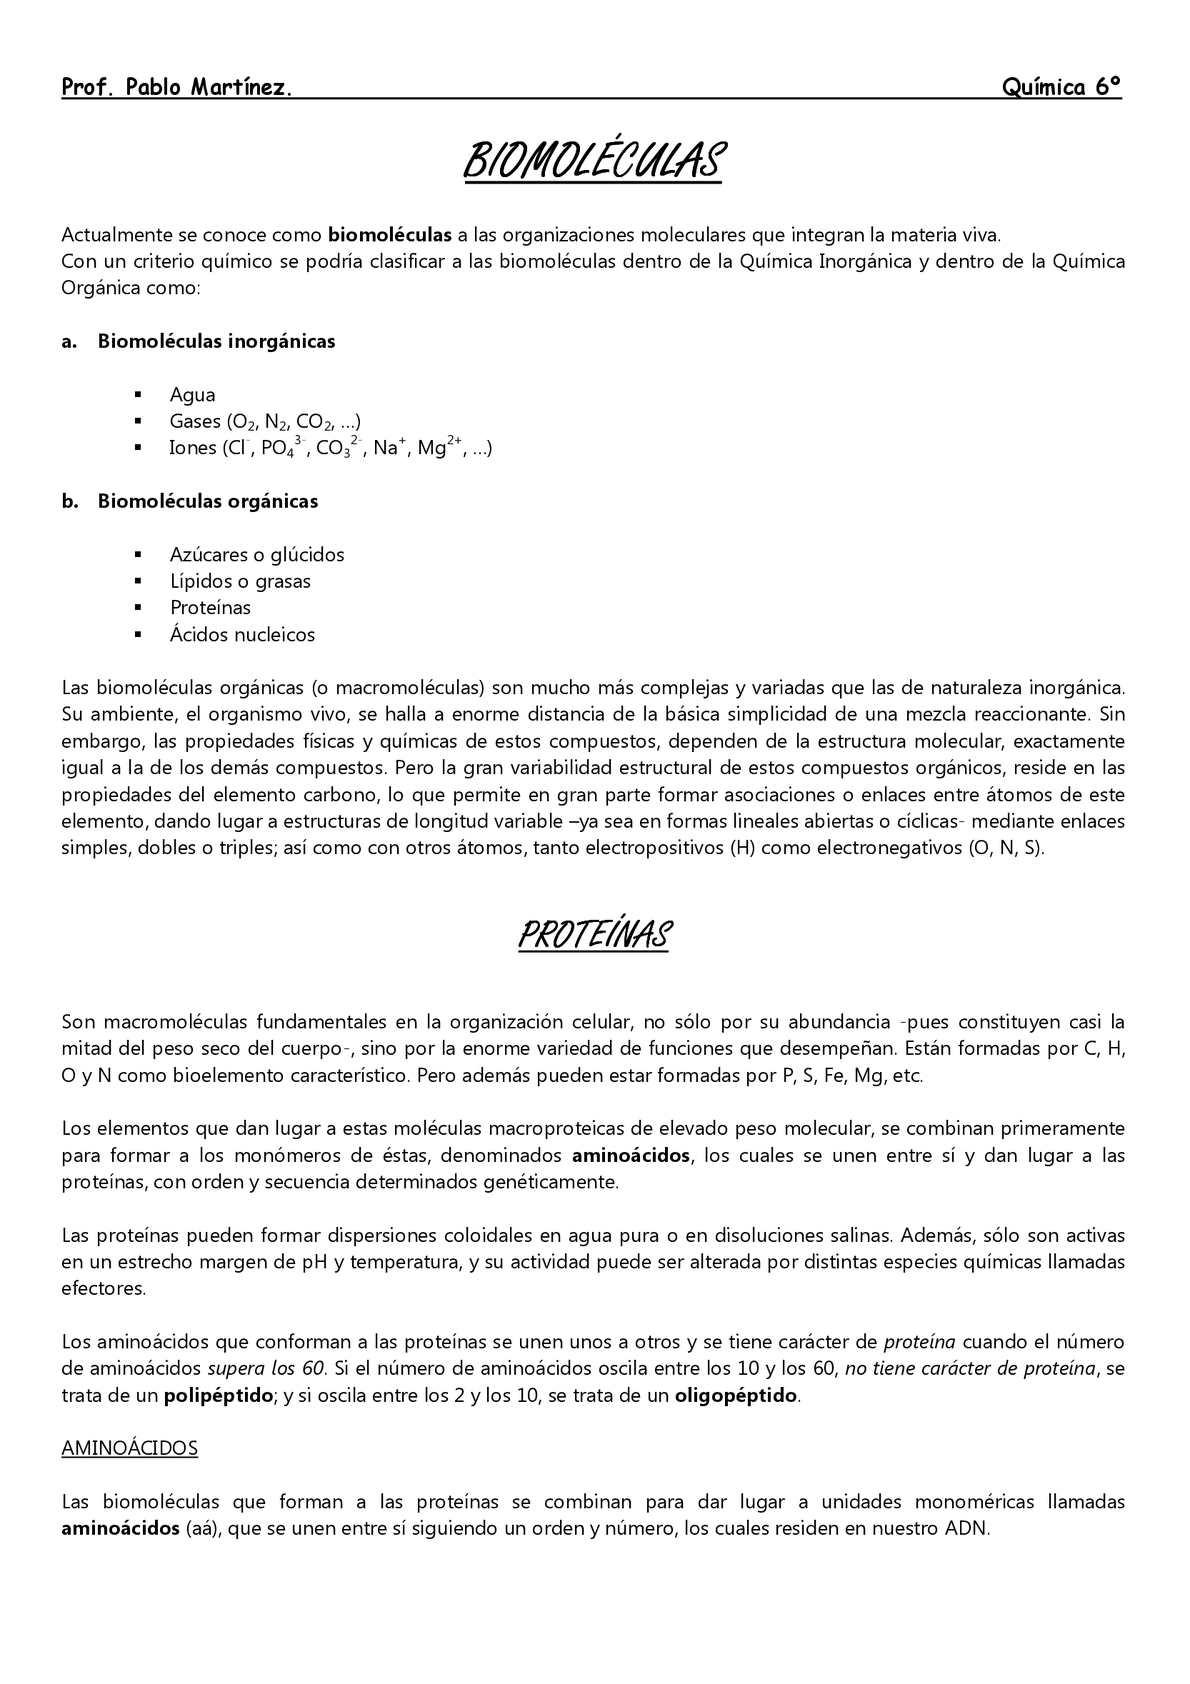 Proteínas (teórico, particular)